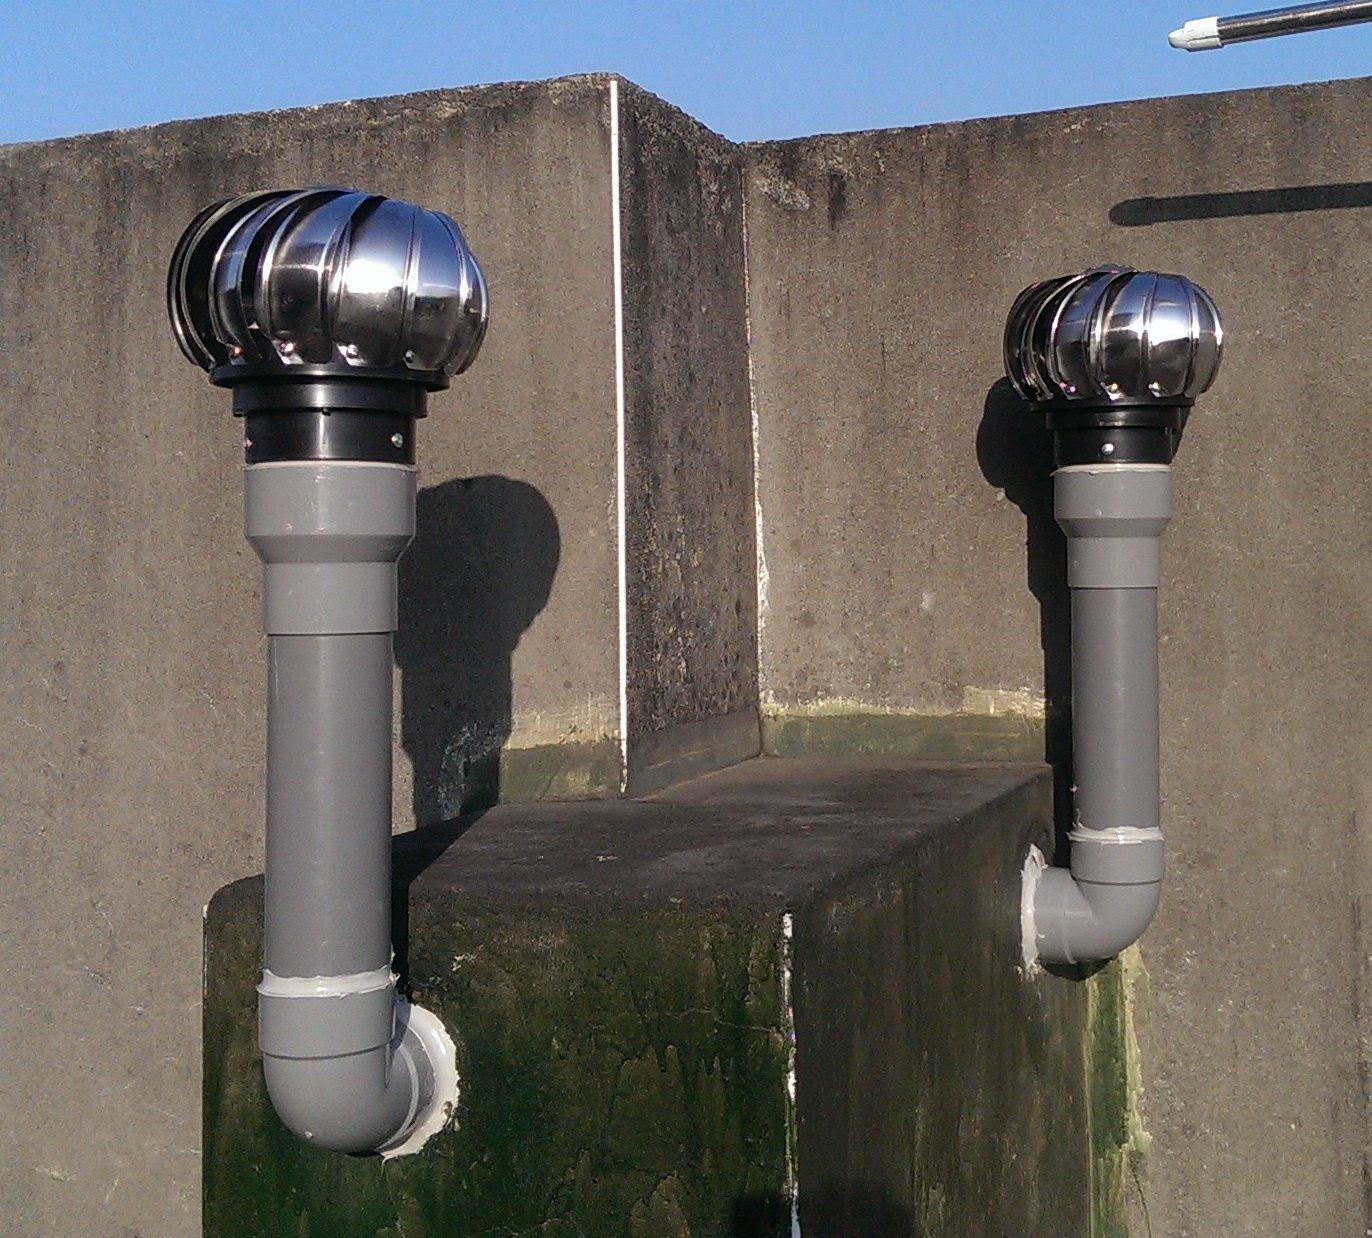 §排風專家§ 4 304不銹鋼 通風球 可轉配2吋~3吋水管 排風球, 適用於 浴室 廁所 大樓通風管(含異管組)